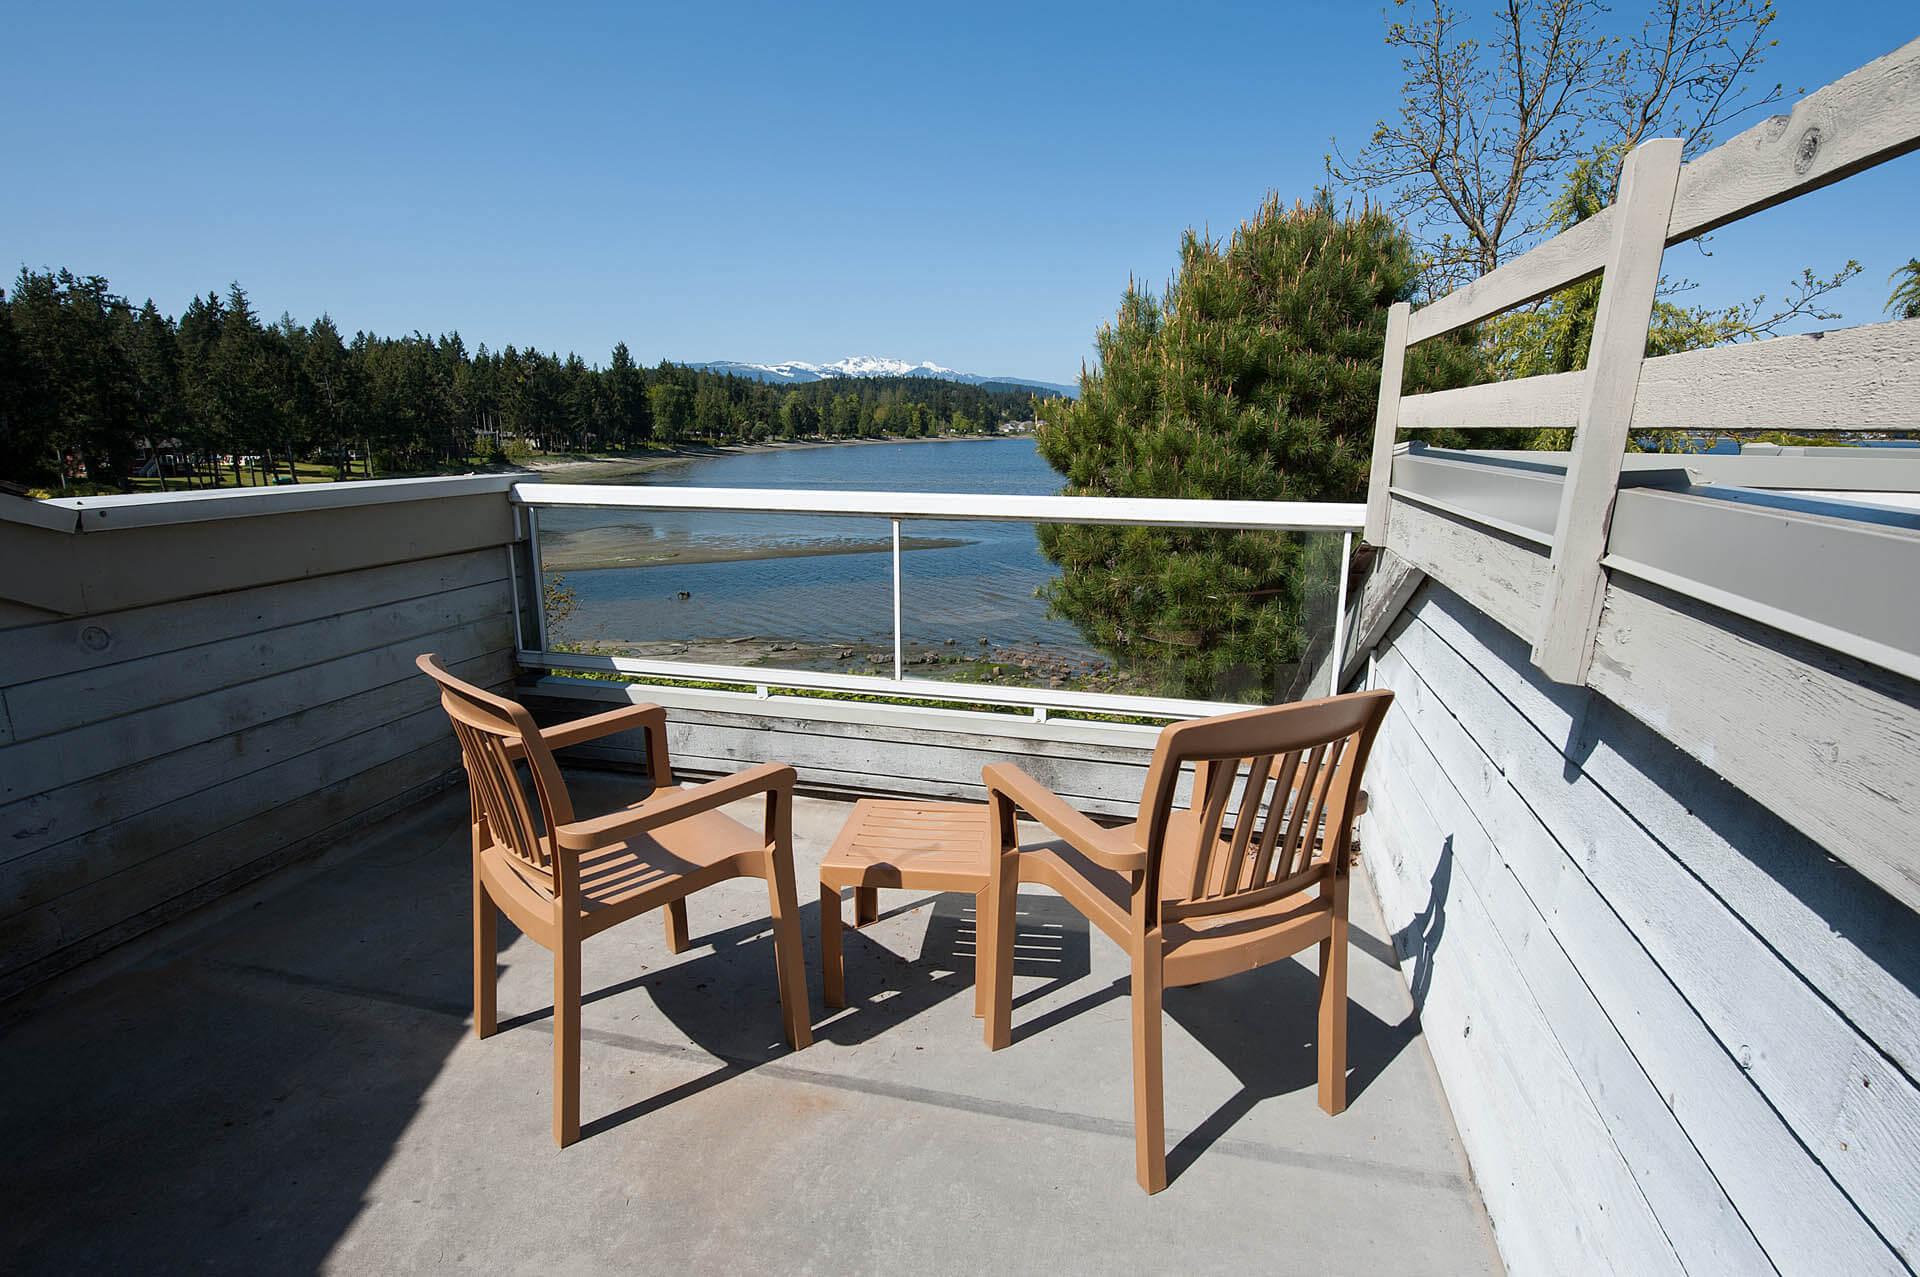 Pacific Shores Resort Spa Balcony